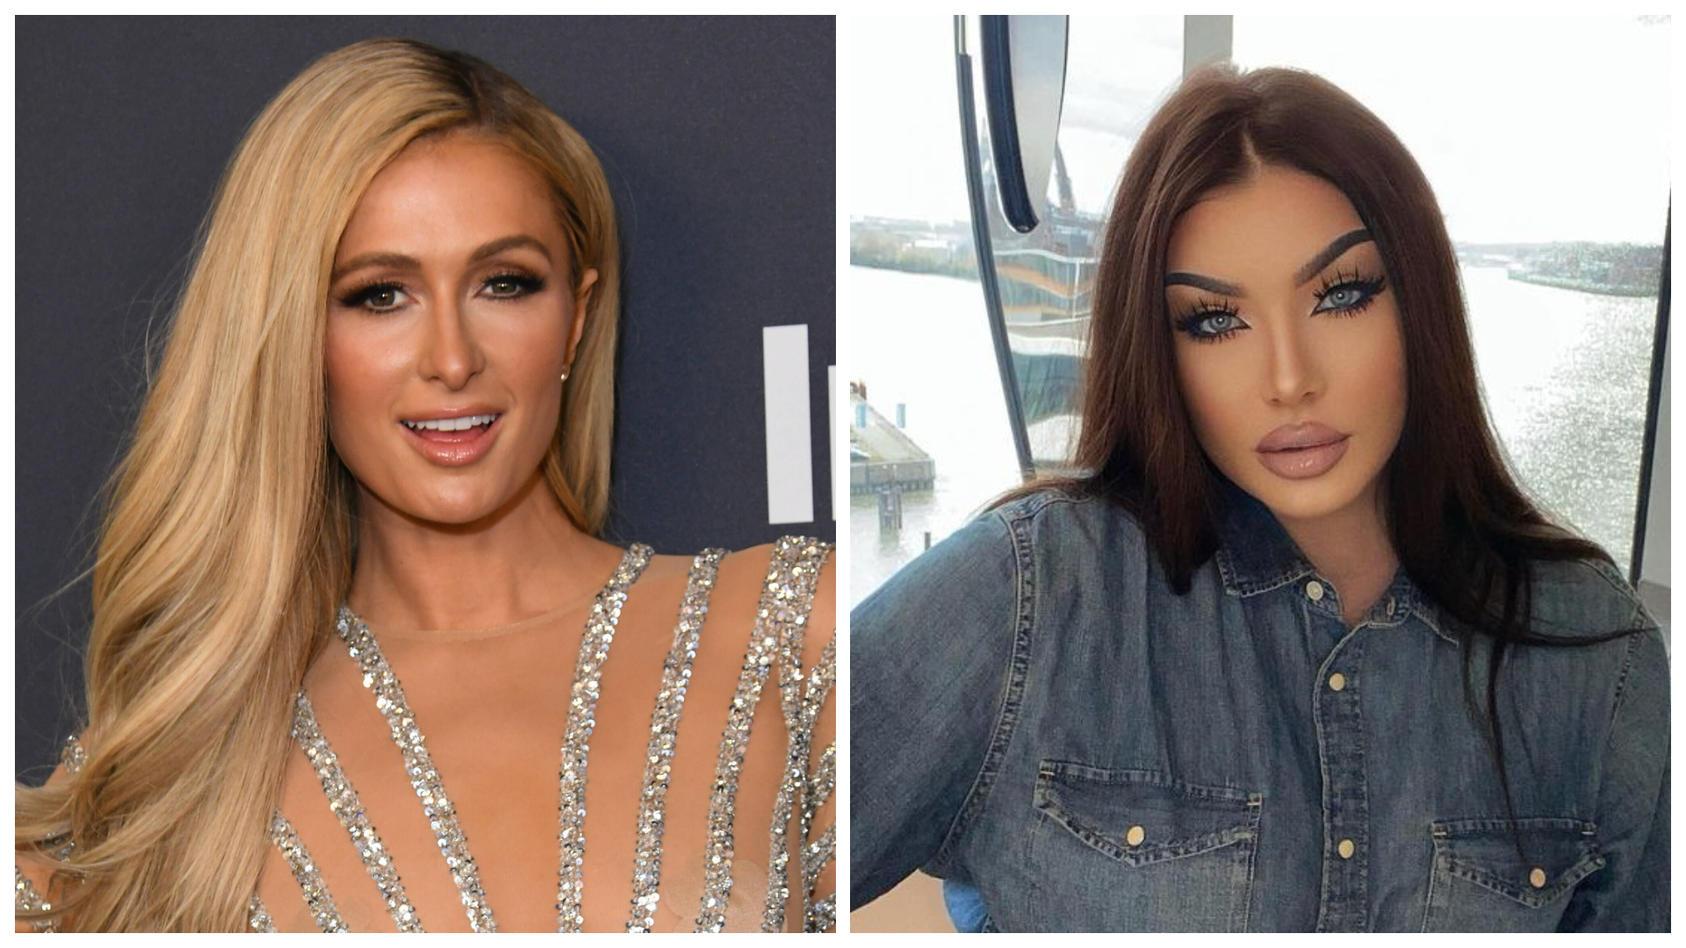 Offenbar gab es zwischen Paris Hilton und Melody Haase eine große  Gemeinsamkeit: einen Mann, auf den beide vor einigen Jahren standen.